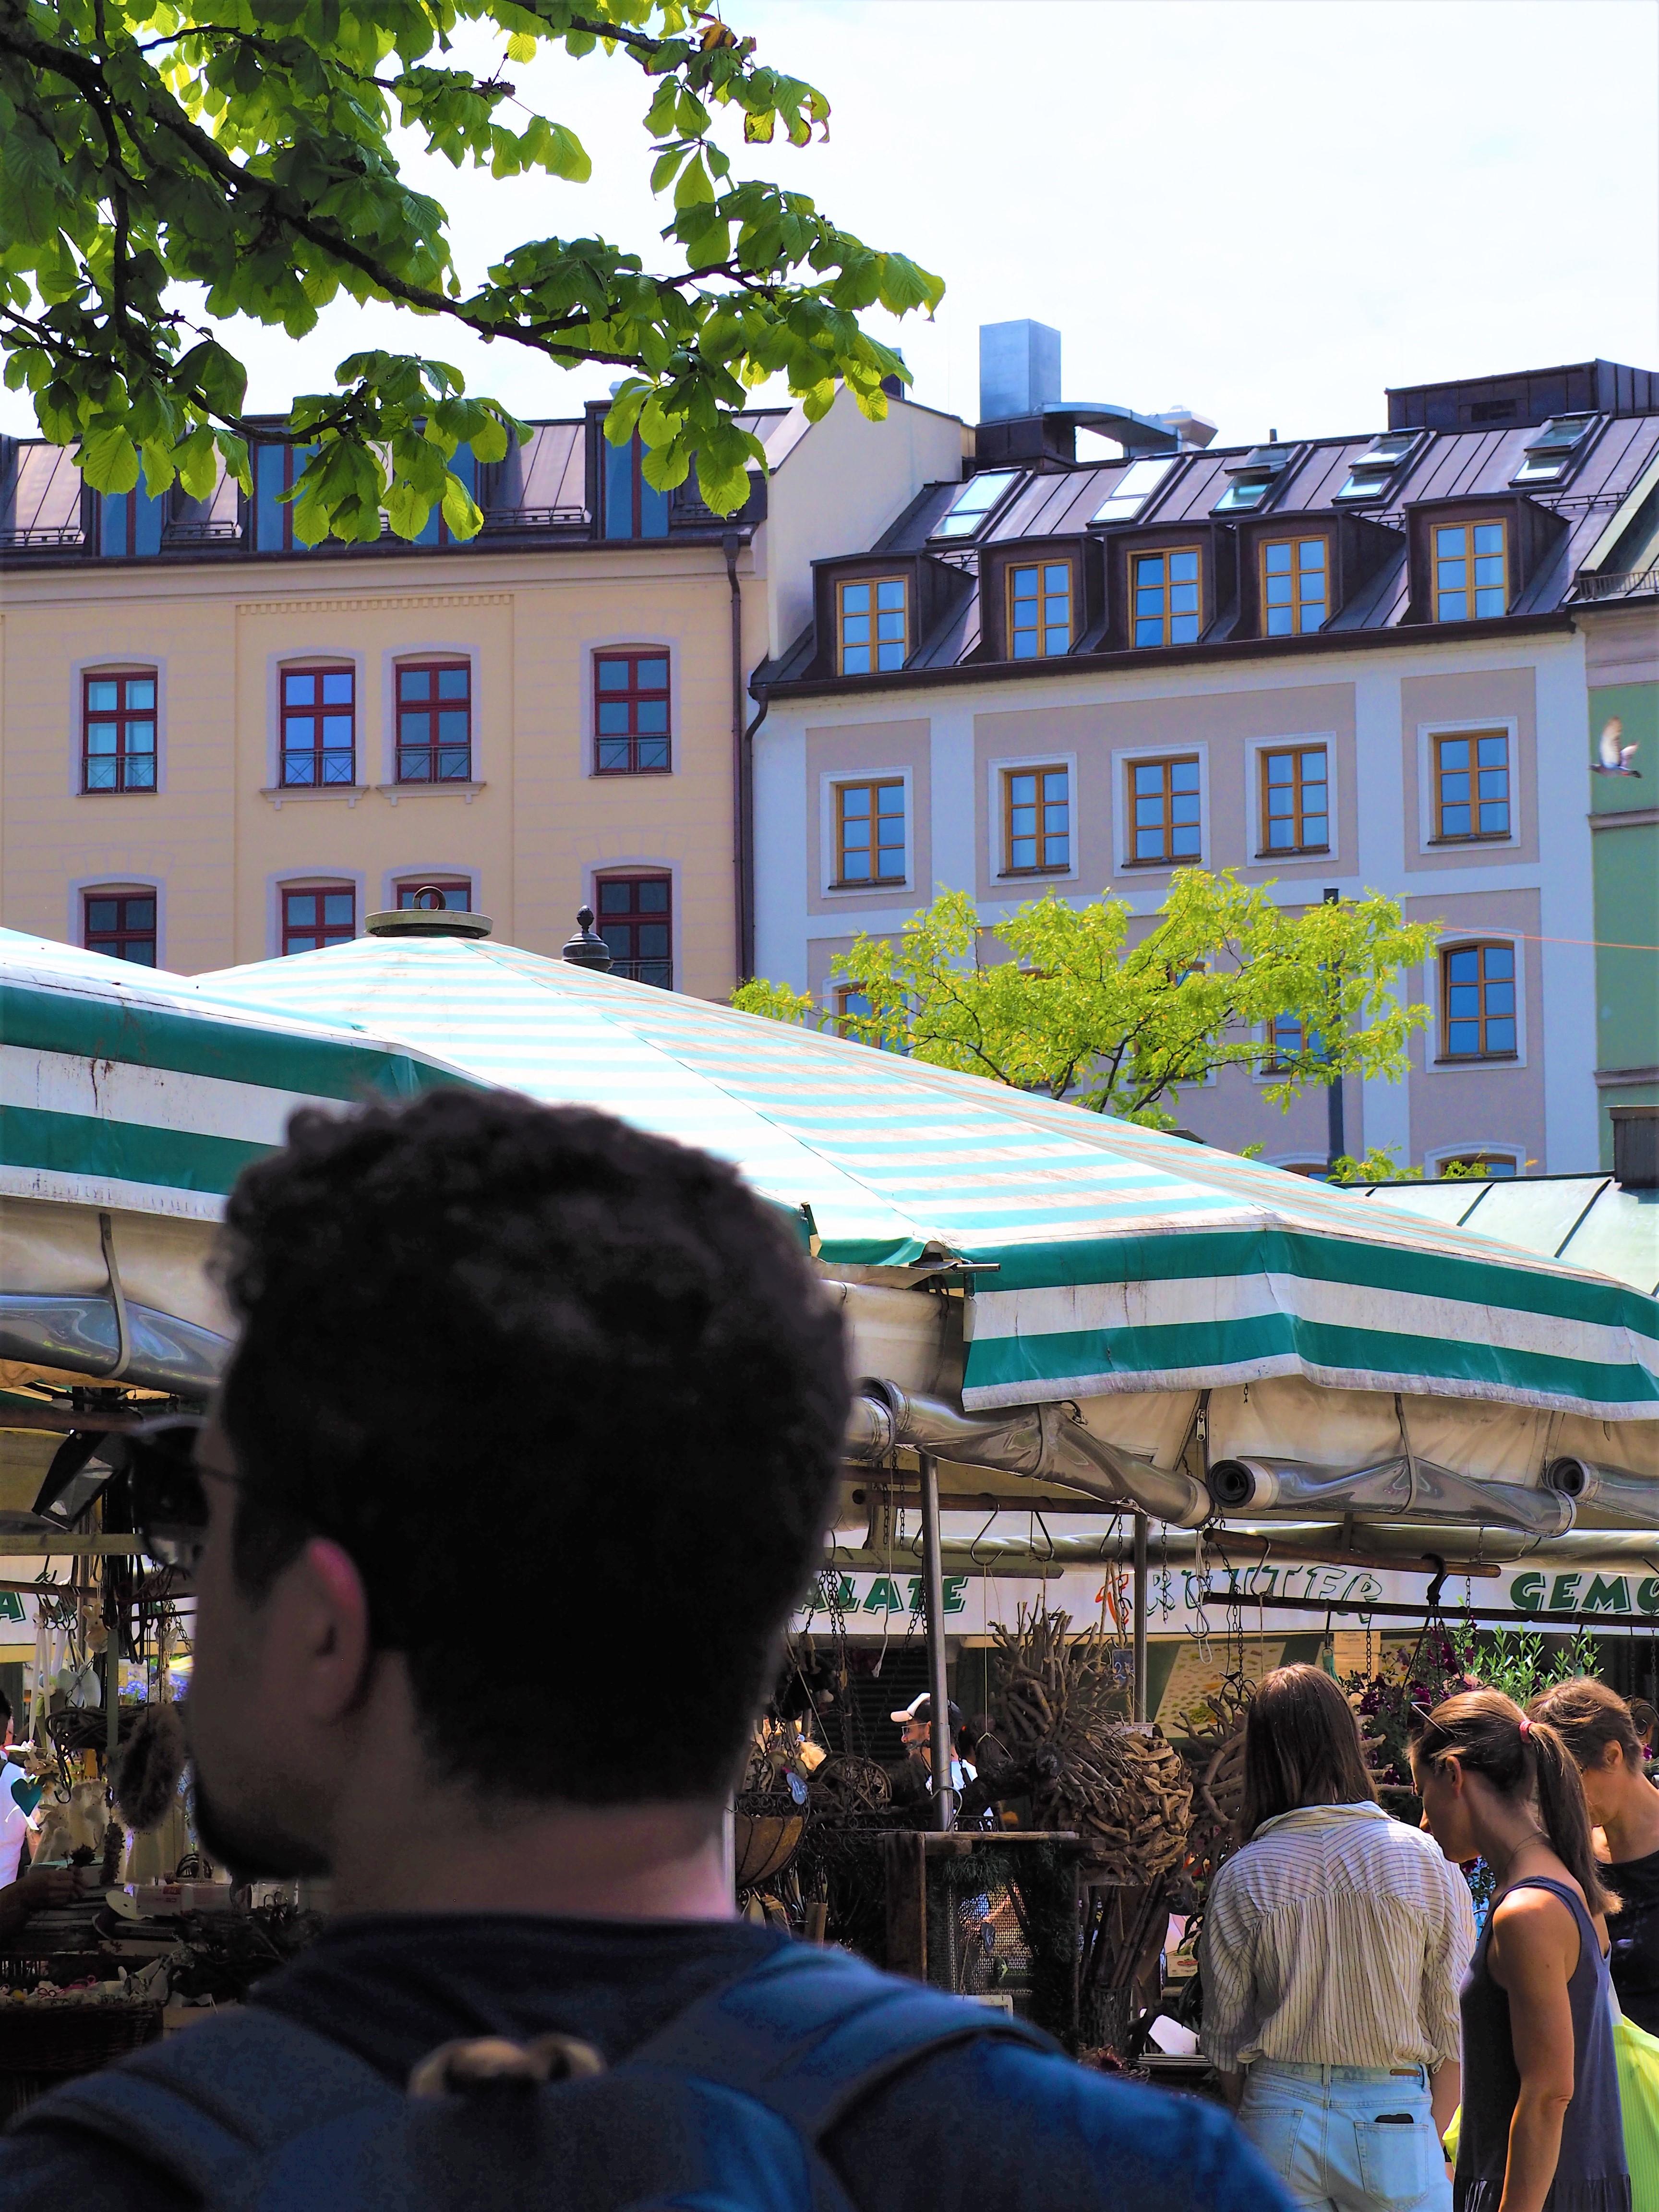 Munich-marche-baviere-allemagne.